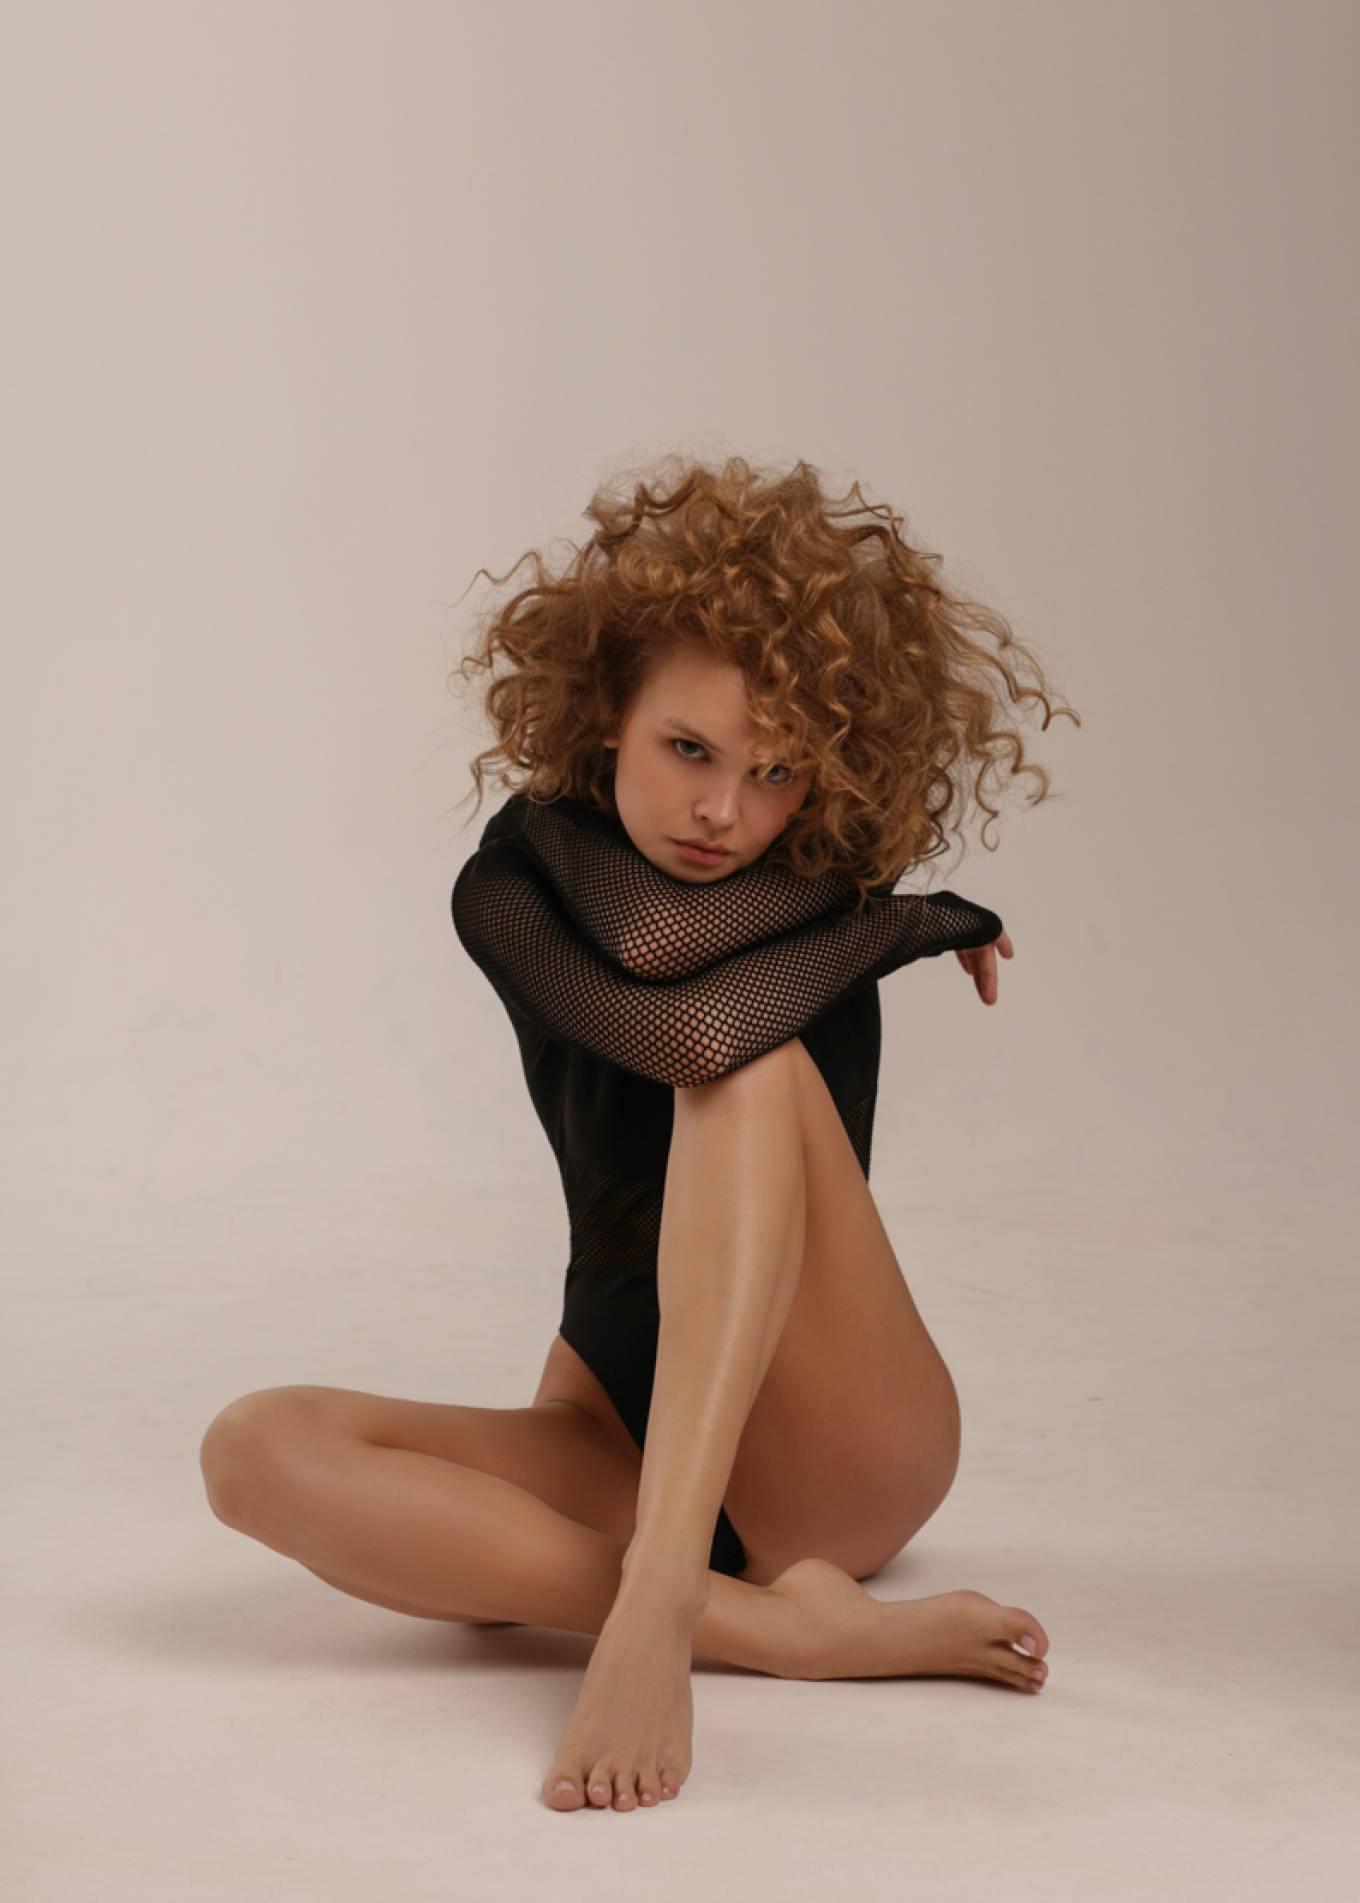 Anastasiya Scheglova – Sexy Body In Beautiful Photoshoot By Tonya Kochneva 0007